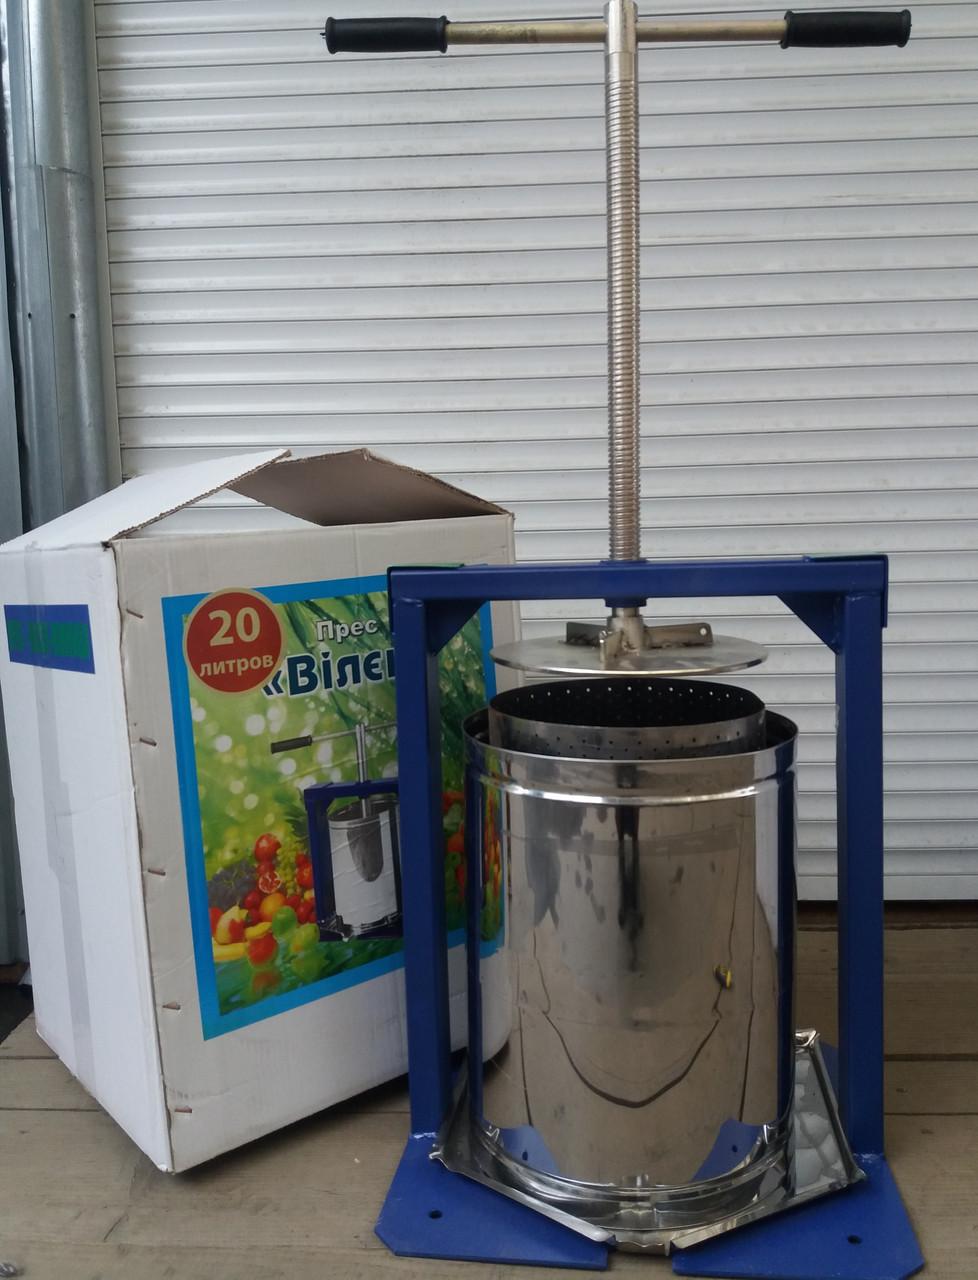 Пресс для сока механический Вилен 20 л.